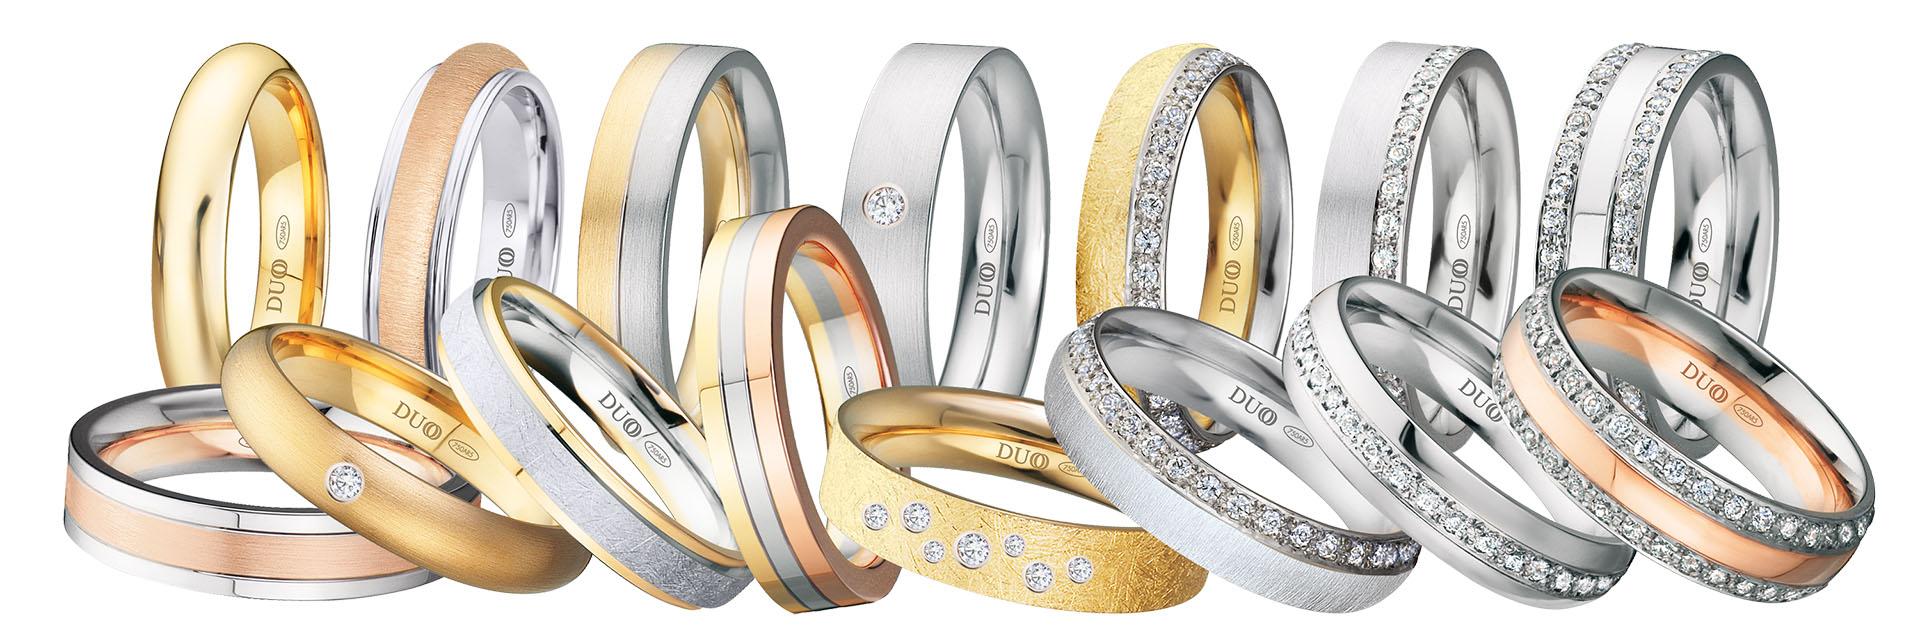 Alianzas de boda y anillos de matrimonio